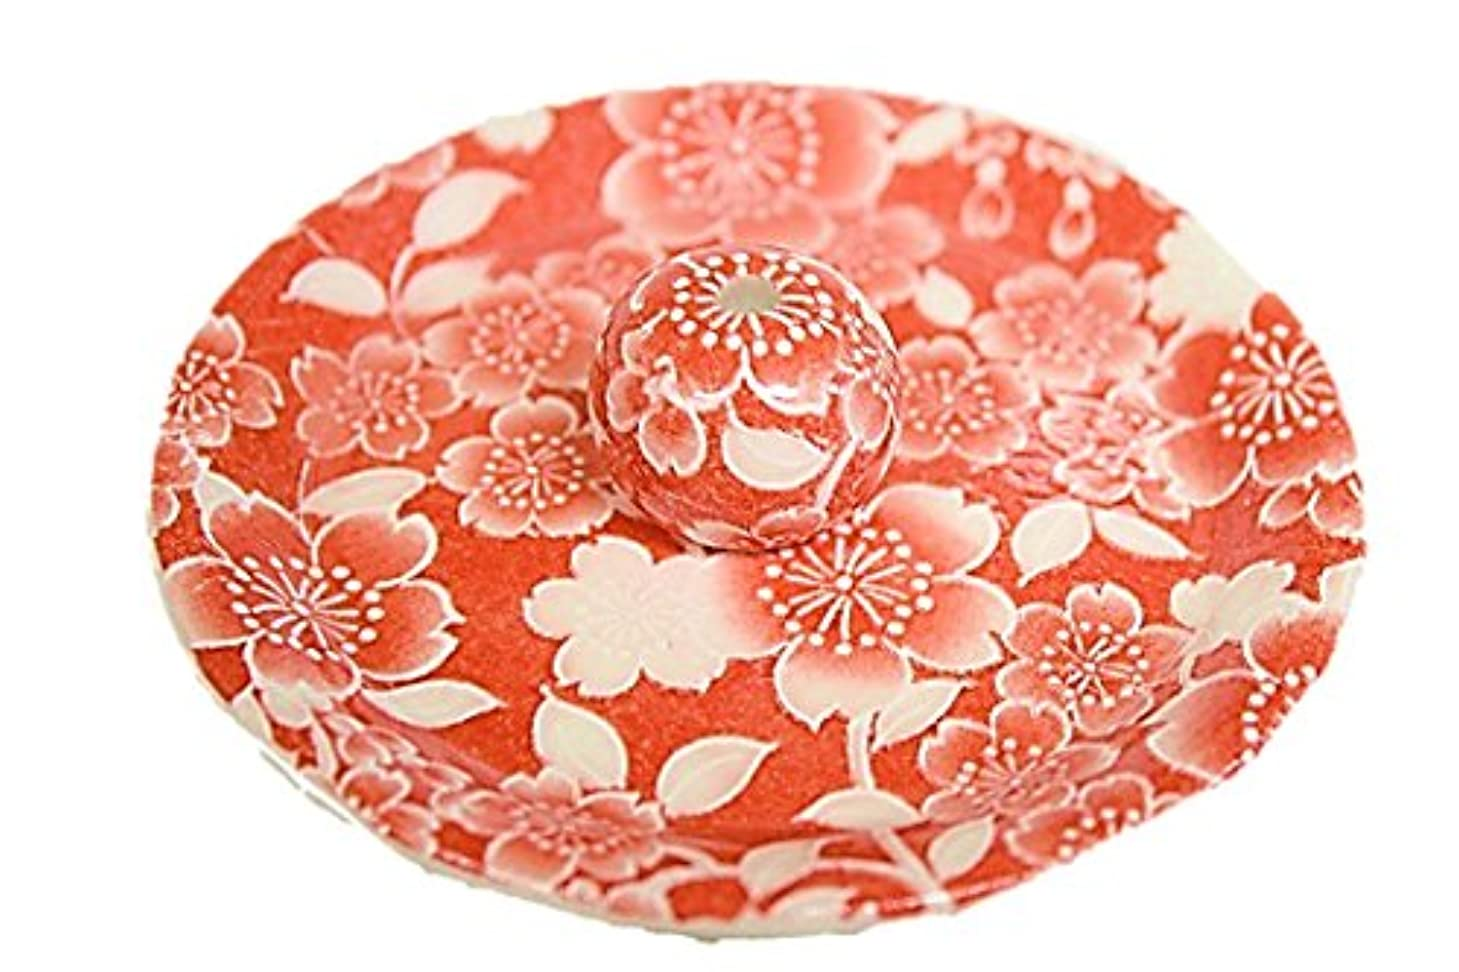 理想的には冷凍庫トマト9-27 桜友禅 赤 9cm香皿 お香立て お香たて 陶器 日本製 製造 直売